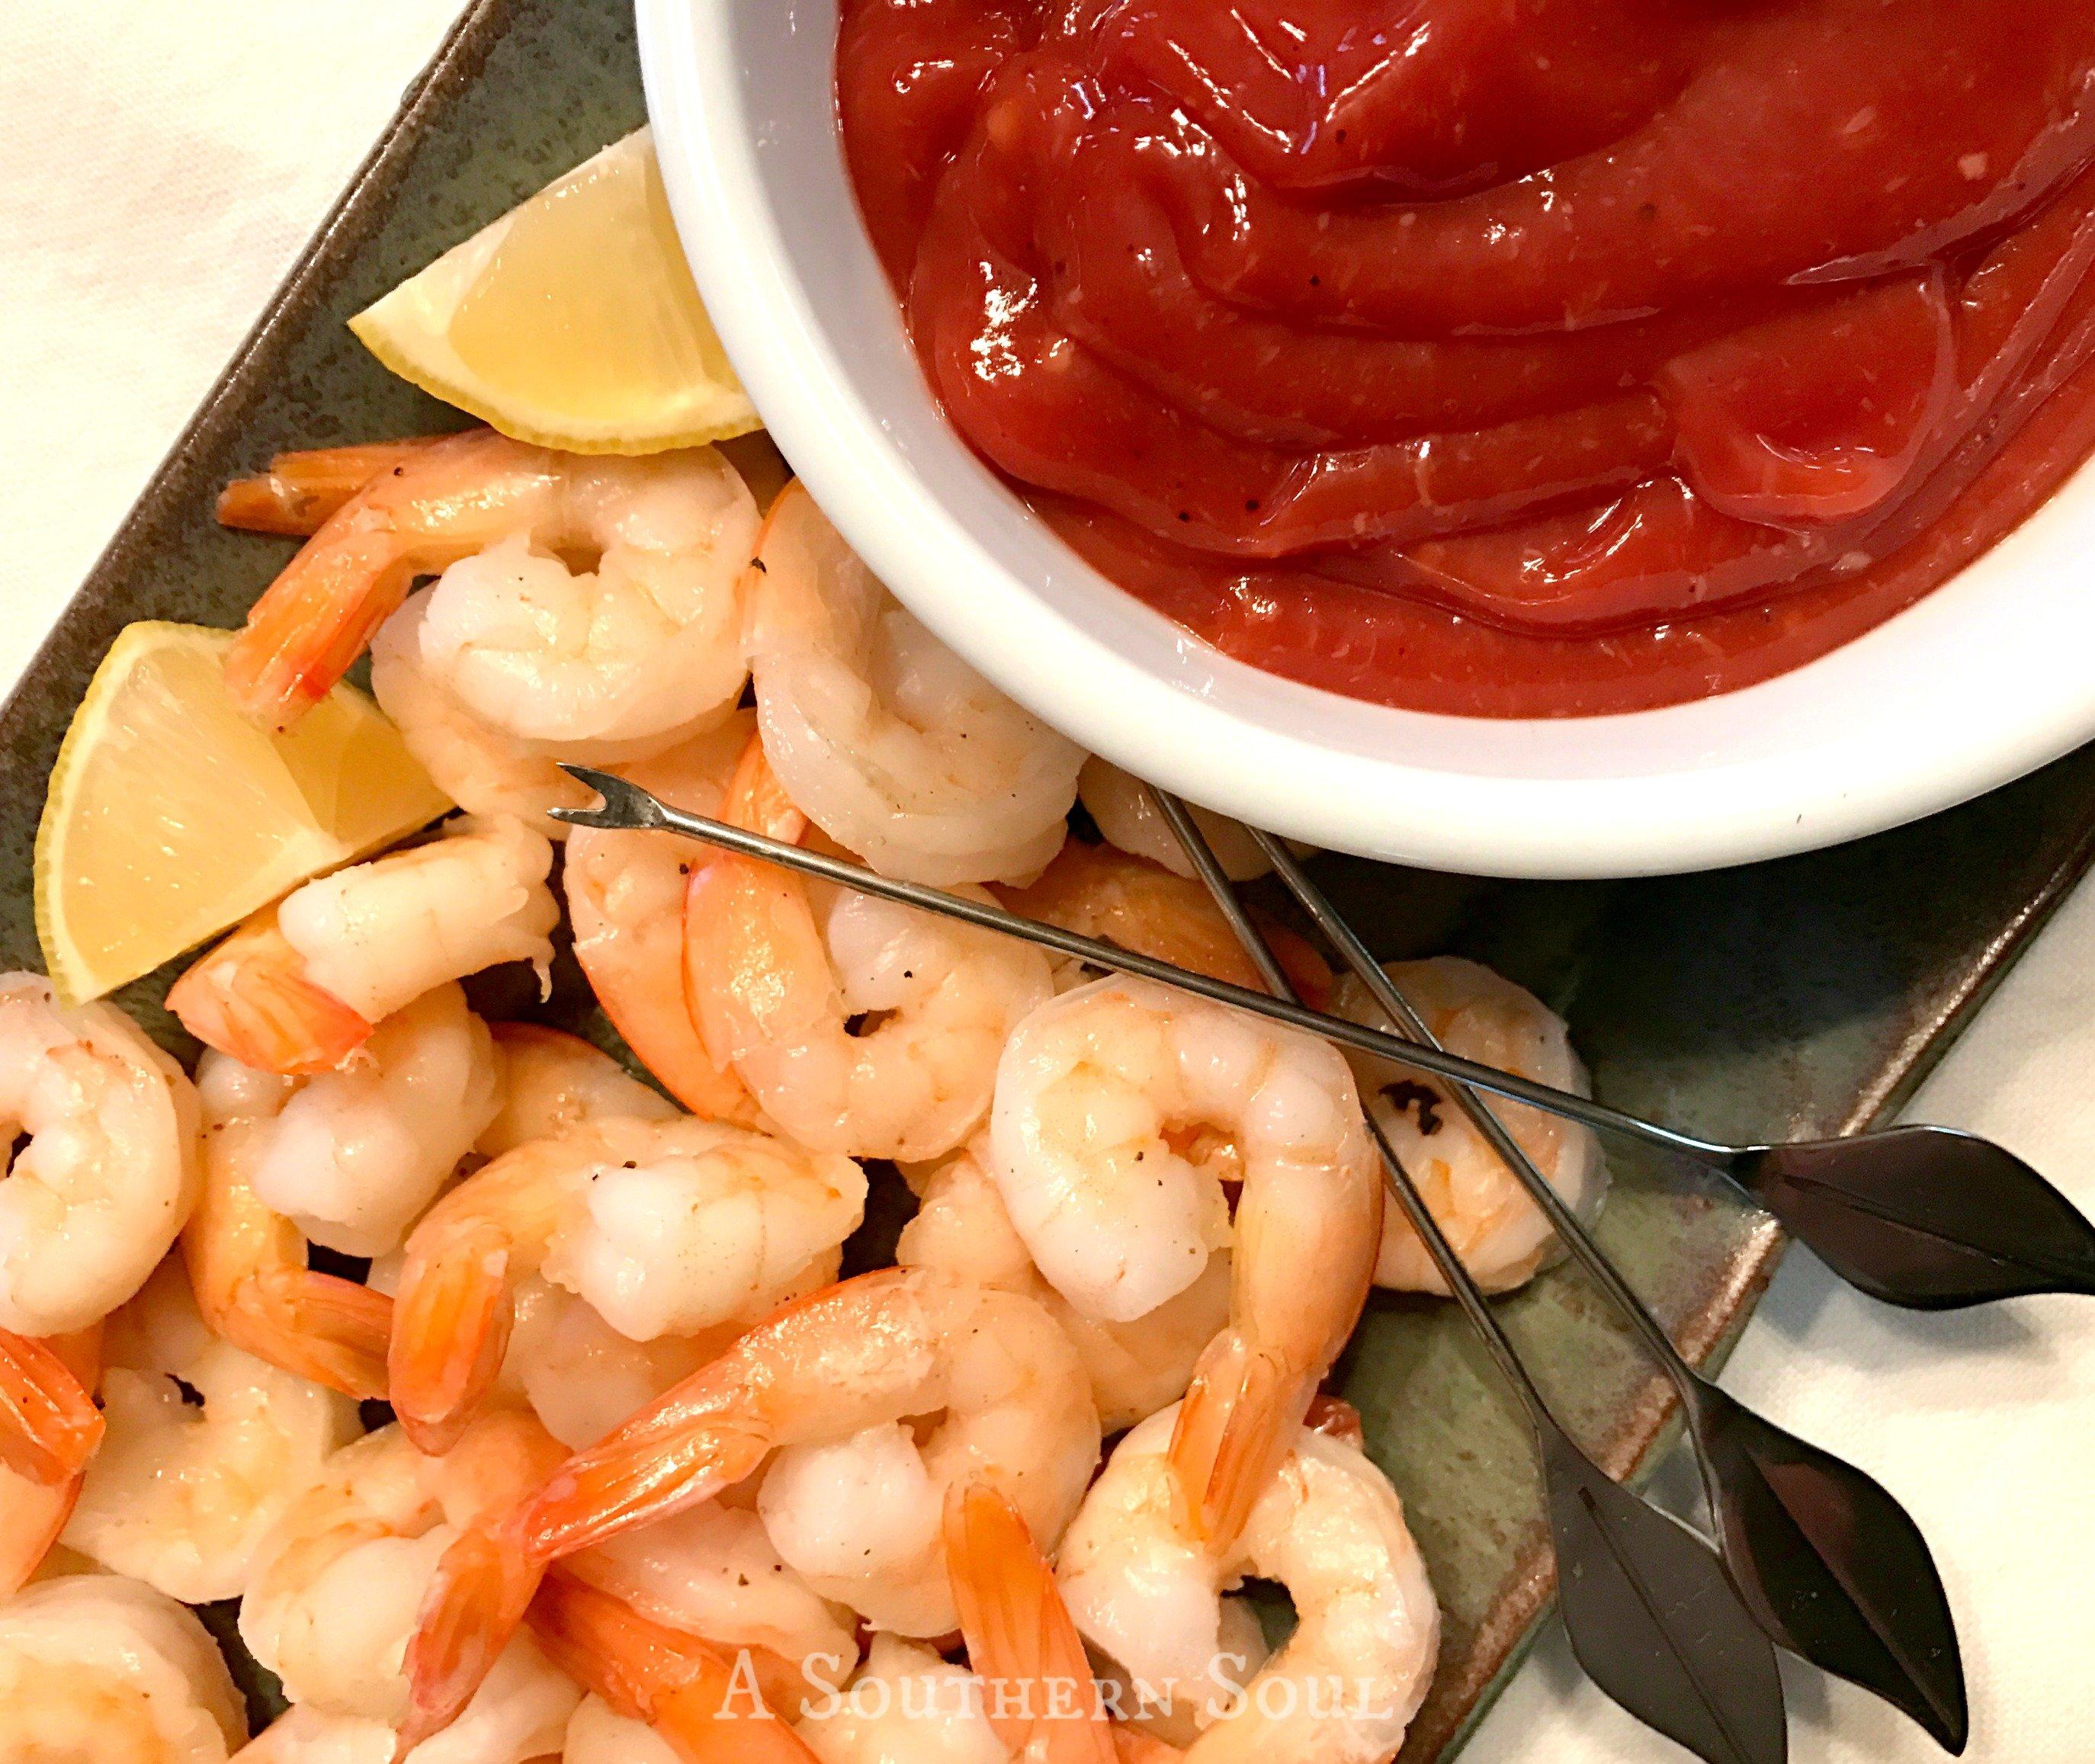 shrimp cocktail & homemade sauce